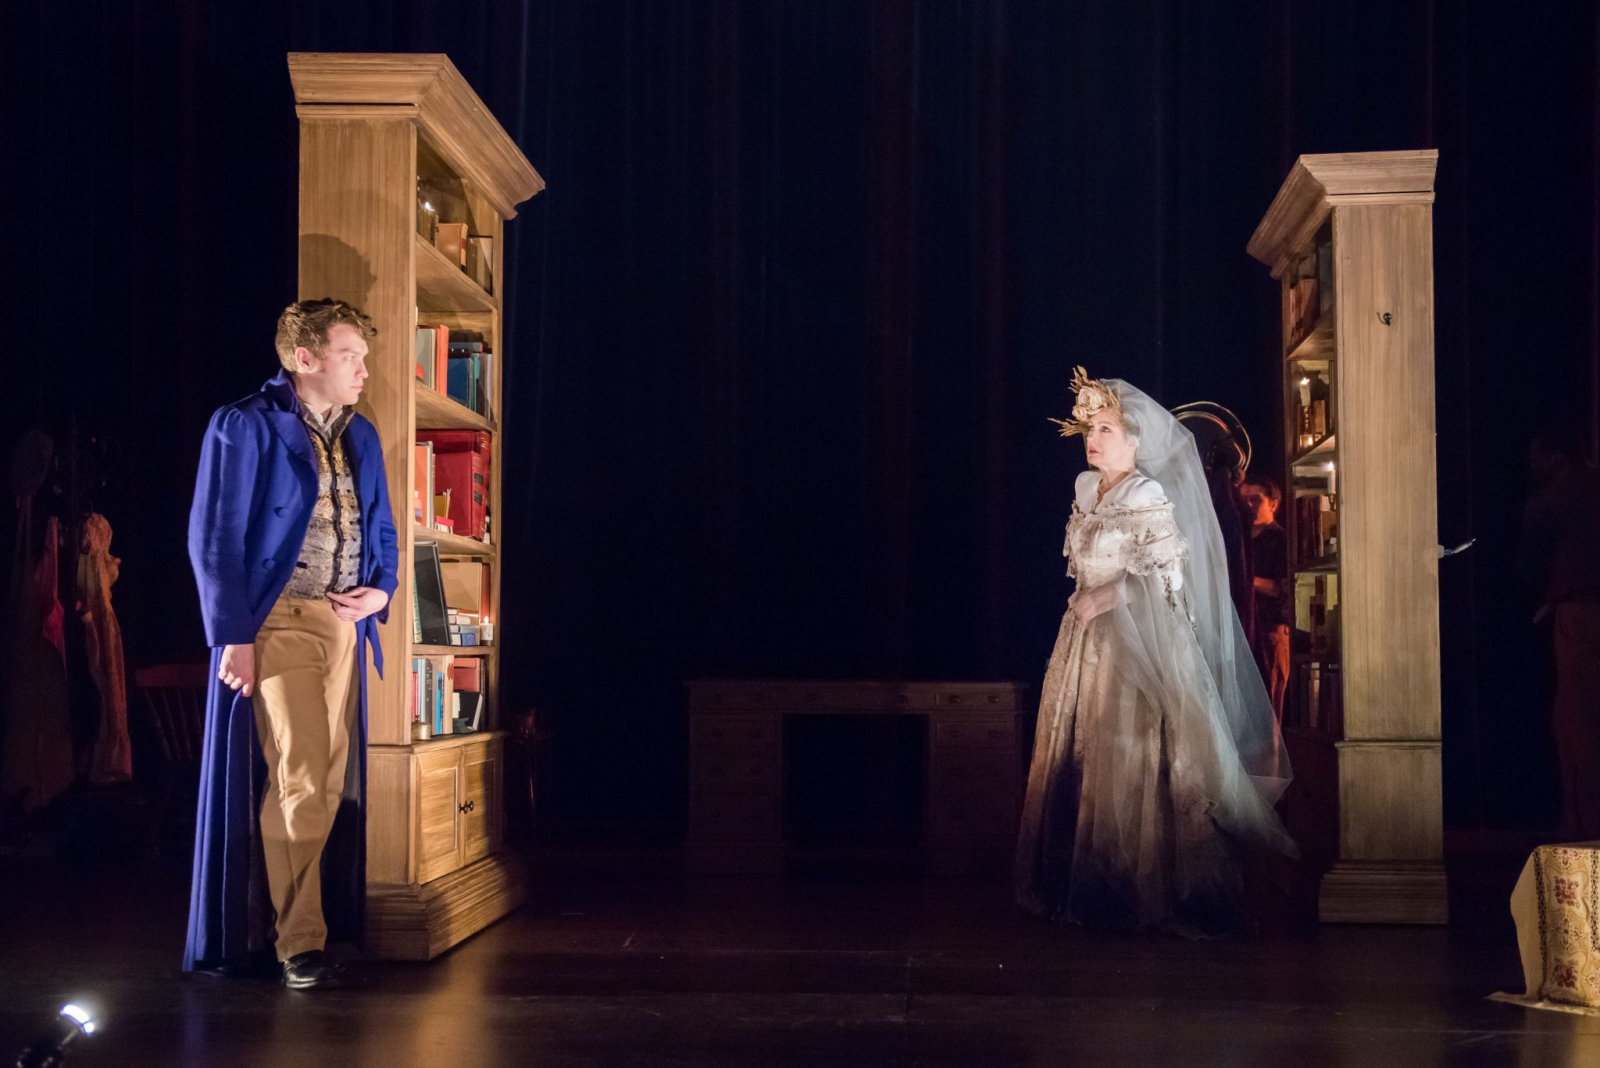 Josh Krause as Pip, Deborah Staples as Miss Havisham